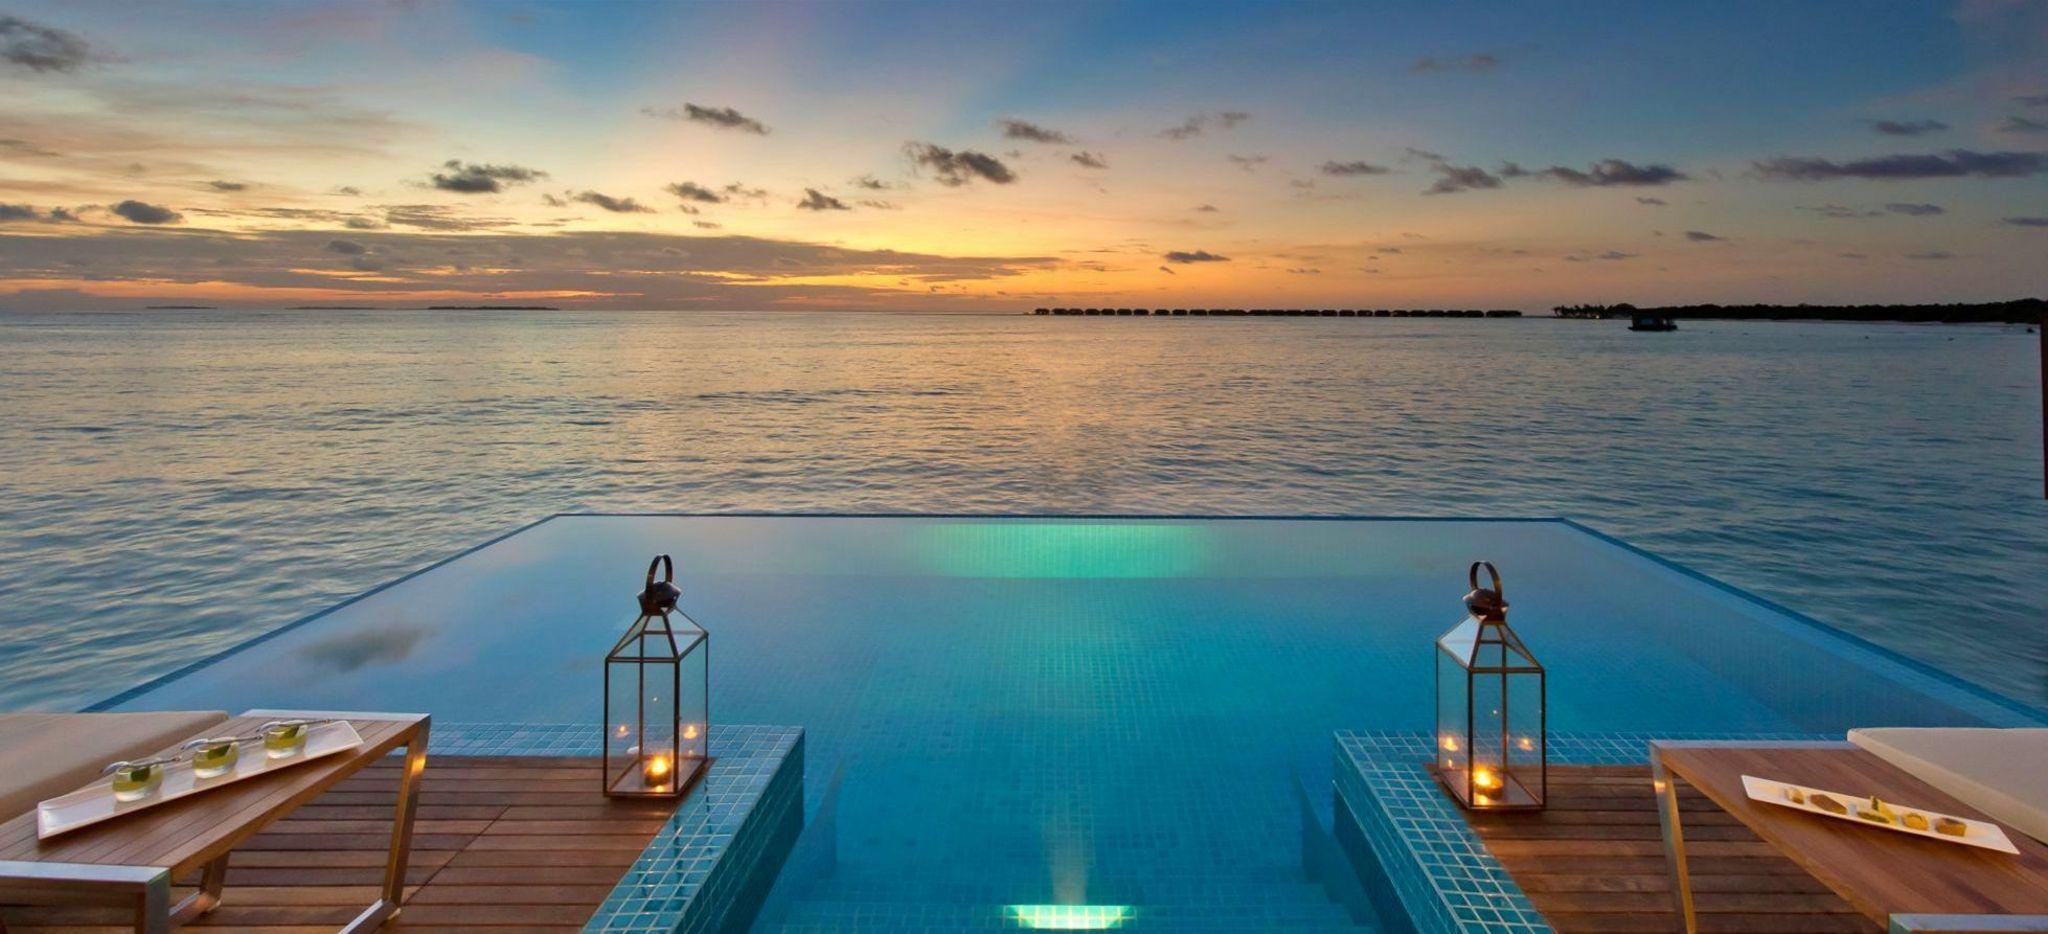 Ein Pool einer Wasservilla mit Blick auf das Meer